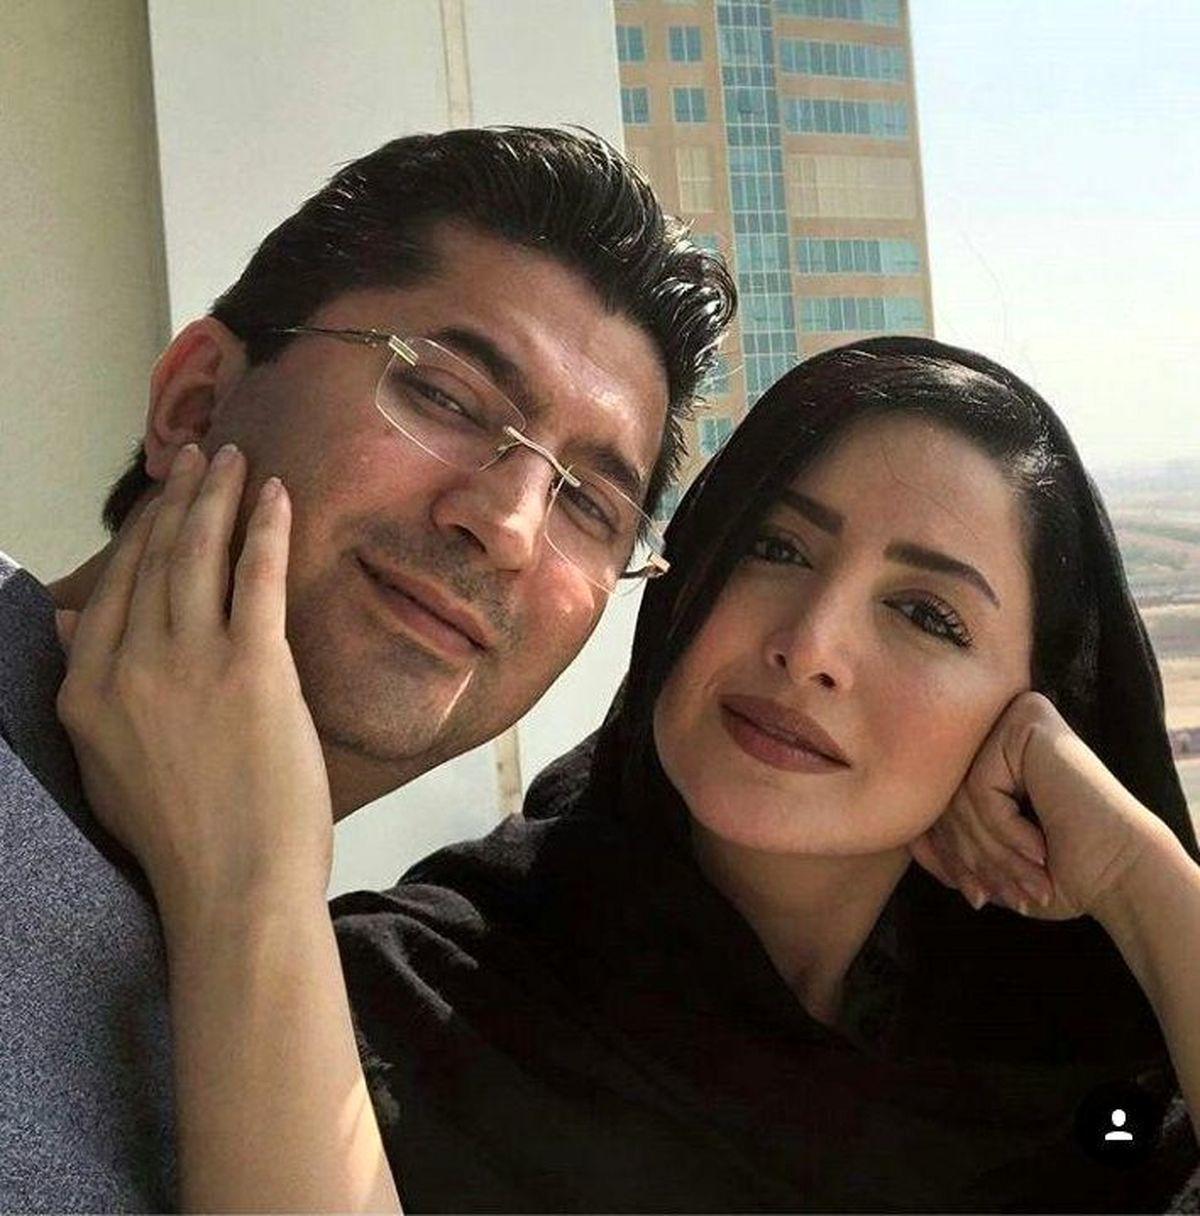 عاشقانه های شیلا خداداد و همسرش لورفت + تصاویر